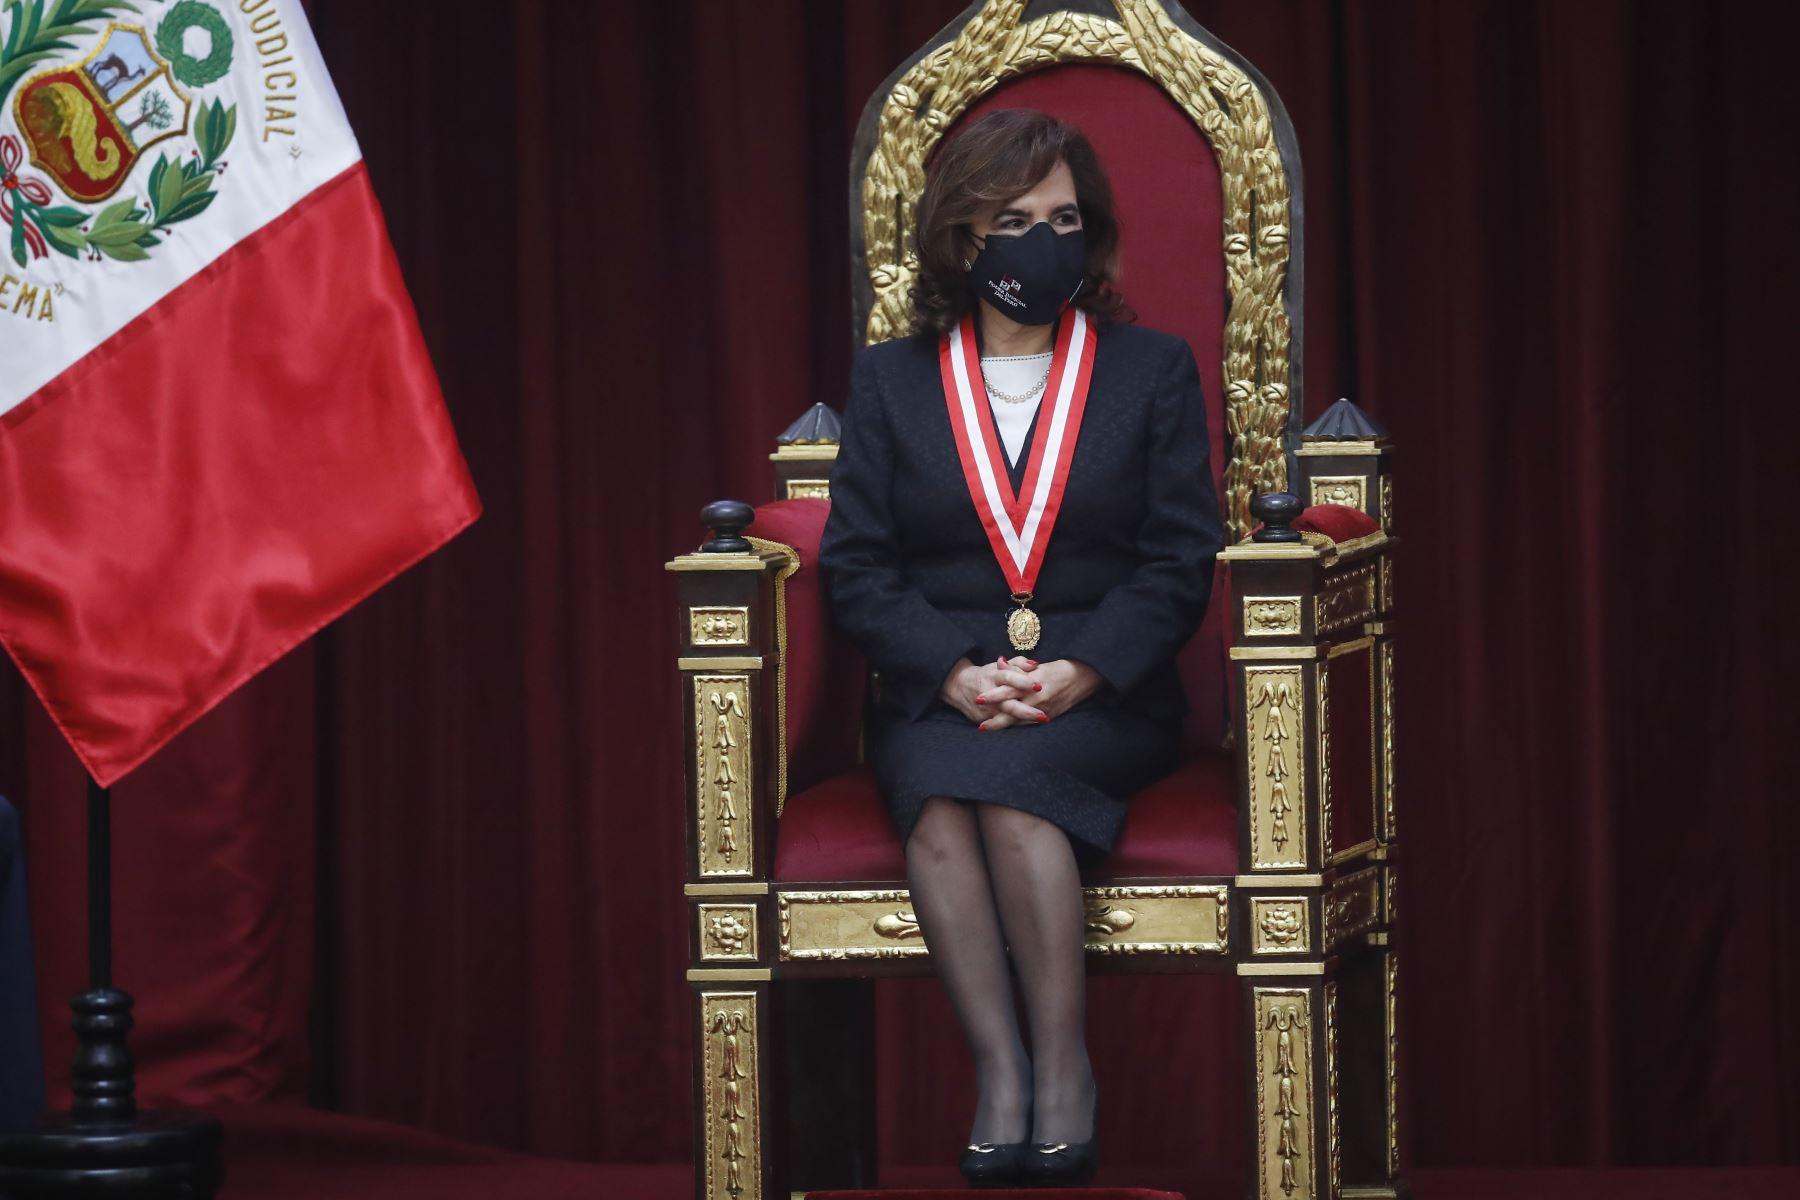 Presidenta del Poder Judicial, Elvia Barrios Alvarado  participa en la celebración del Día del Juez y la Jueza. Foto: ANDINA/ Juan Carlos Guzmán